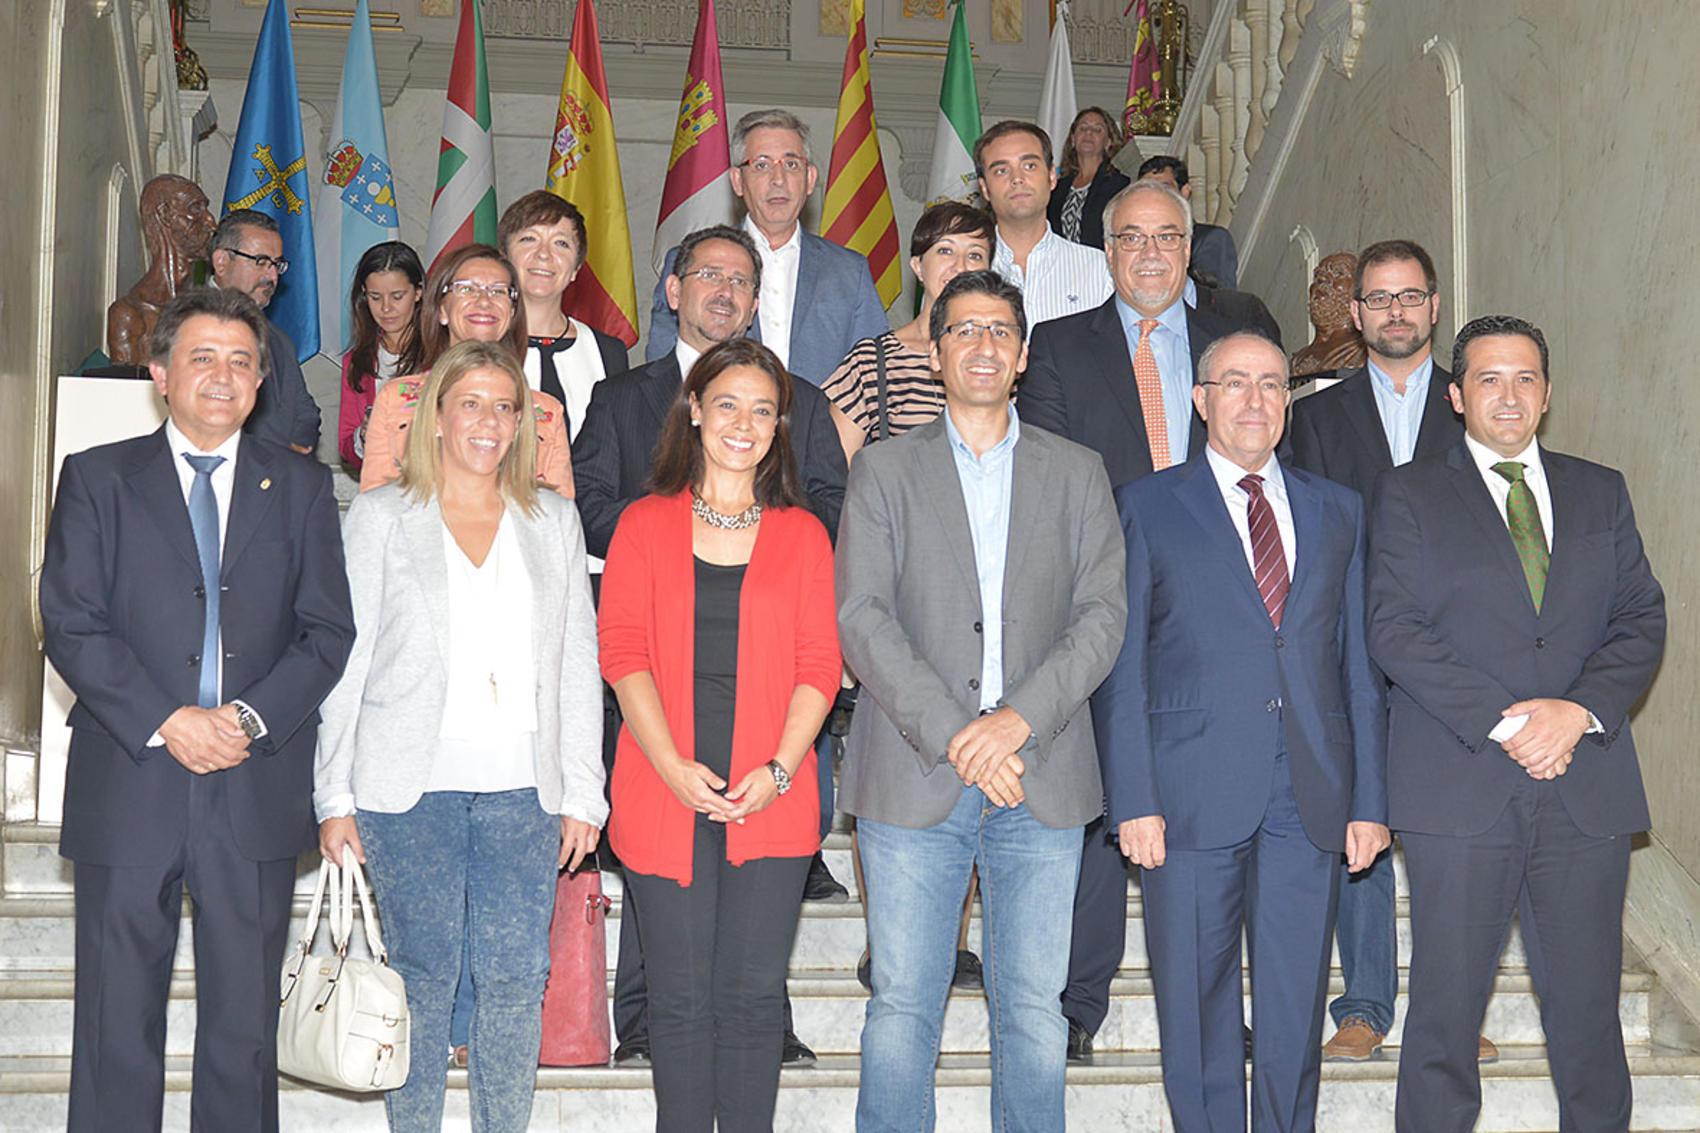 La Diputación, los principales pueblos de la provincia y la Cámara, unidos contra el paro juvenil